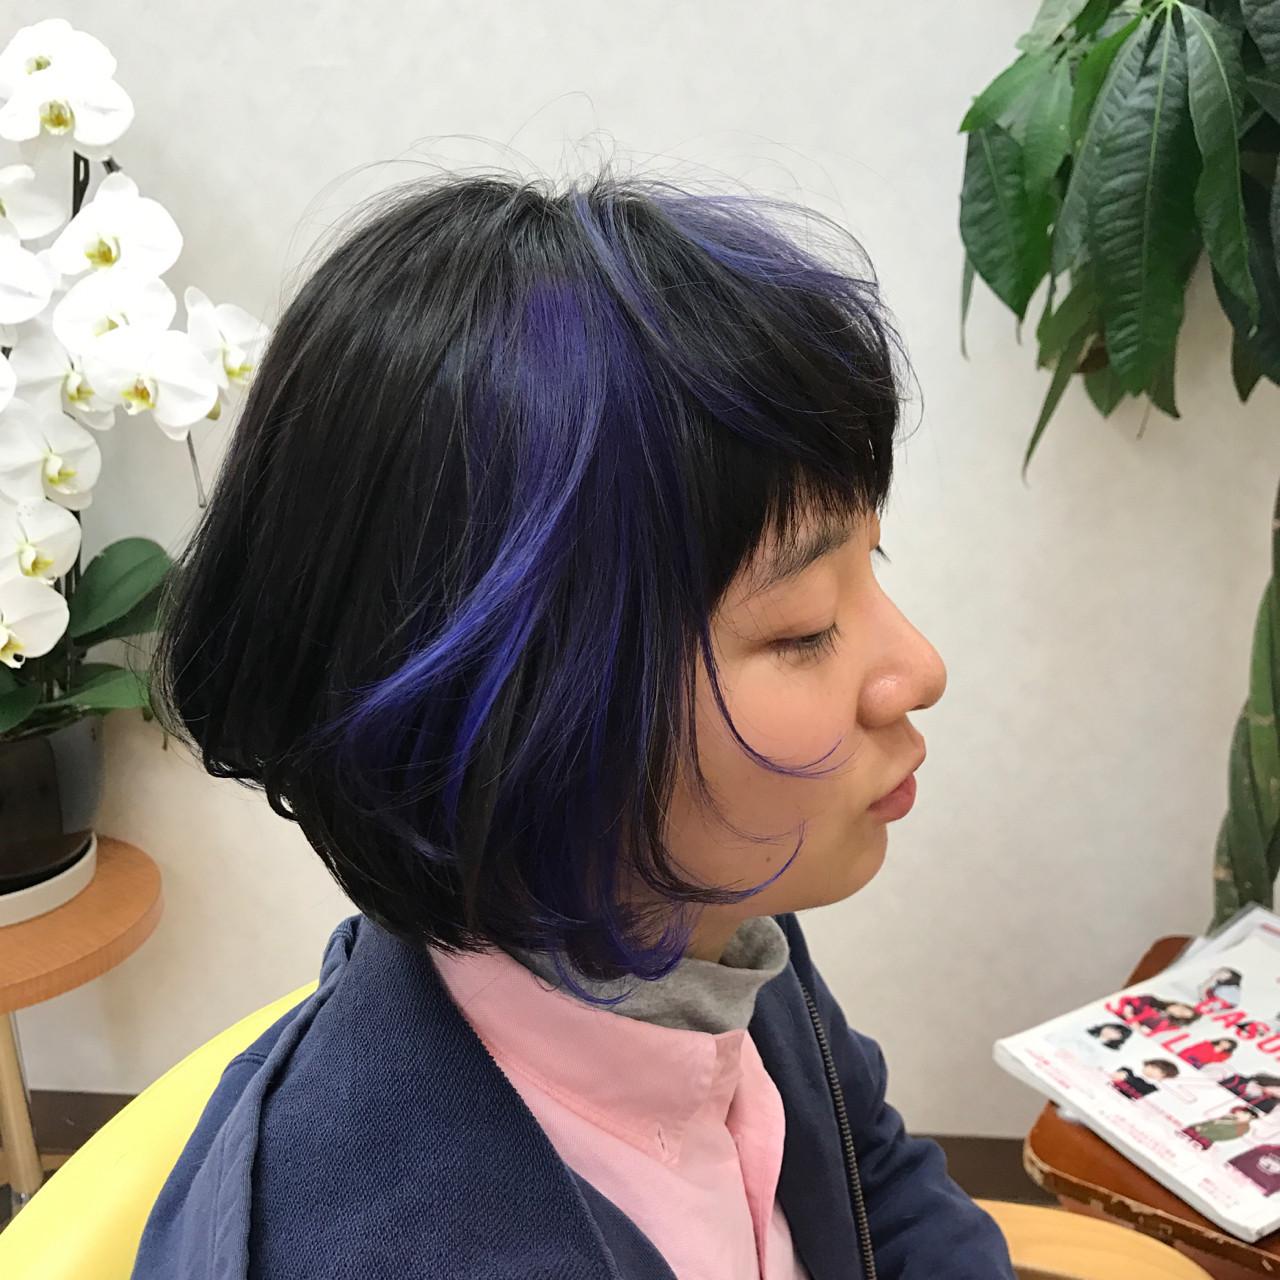 ショート パープル メッシュ ハイトーン ヘアスタイルや髪型の写真・画像